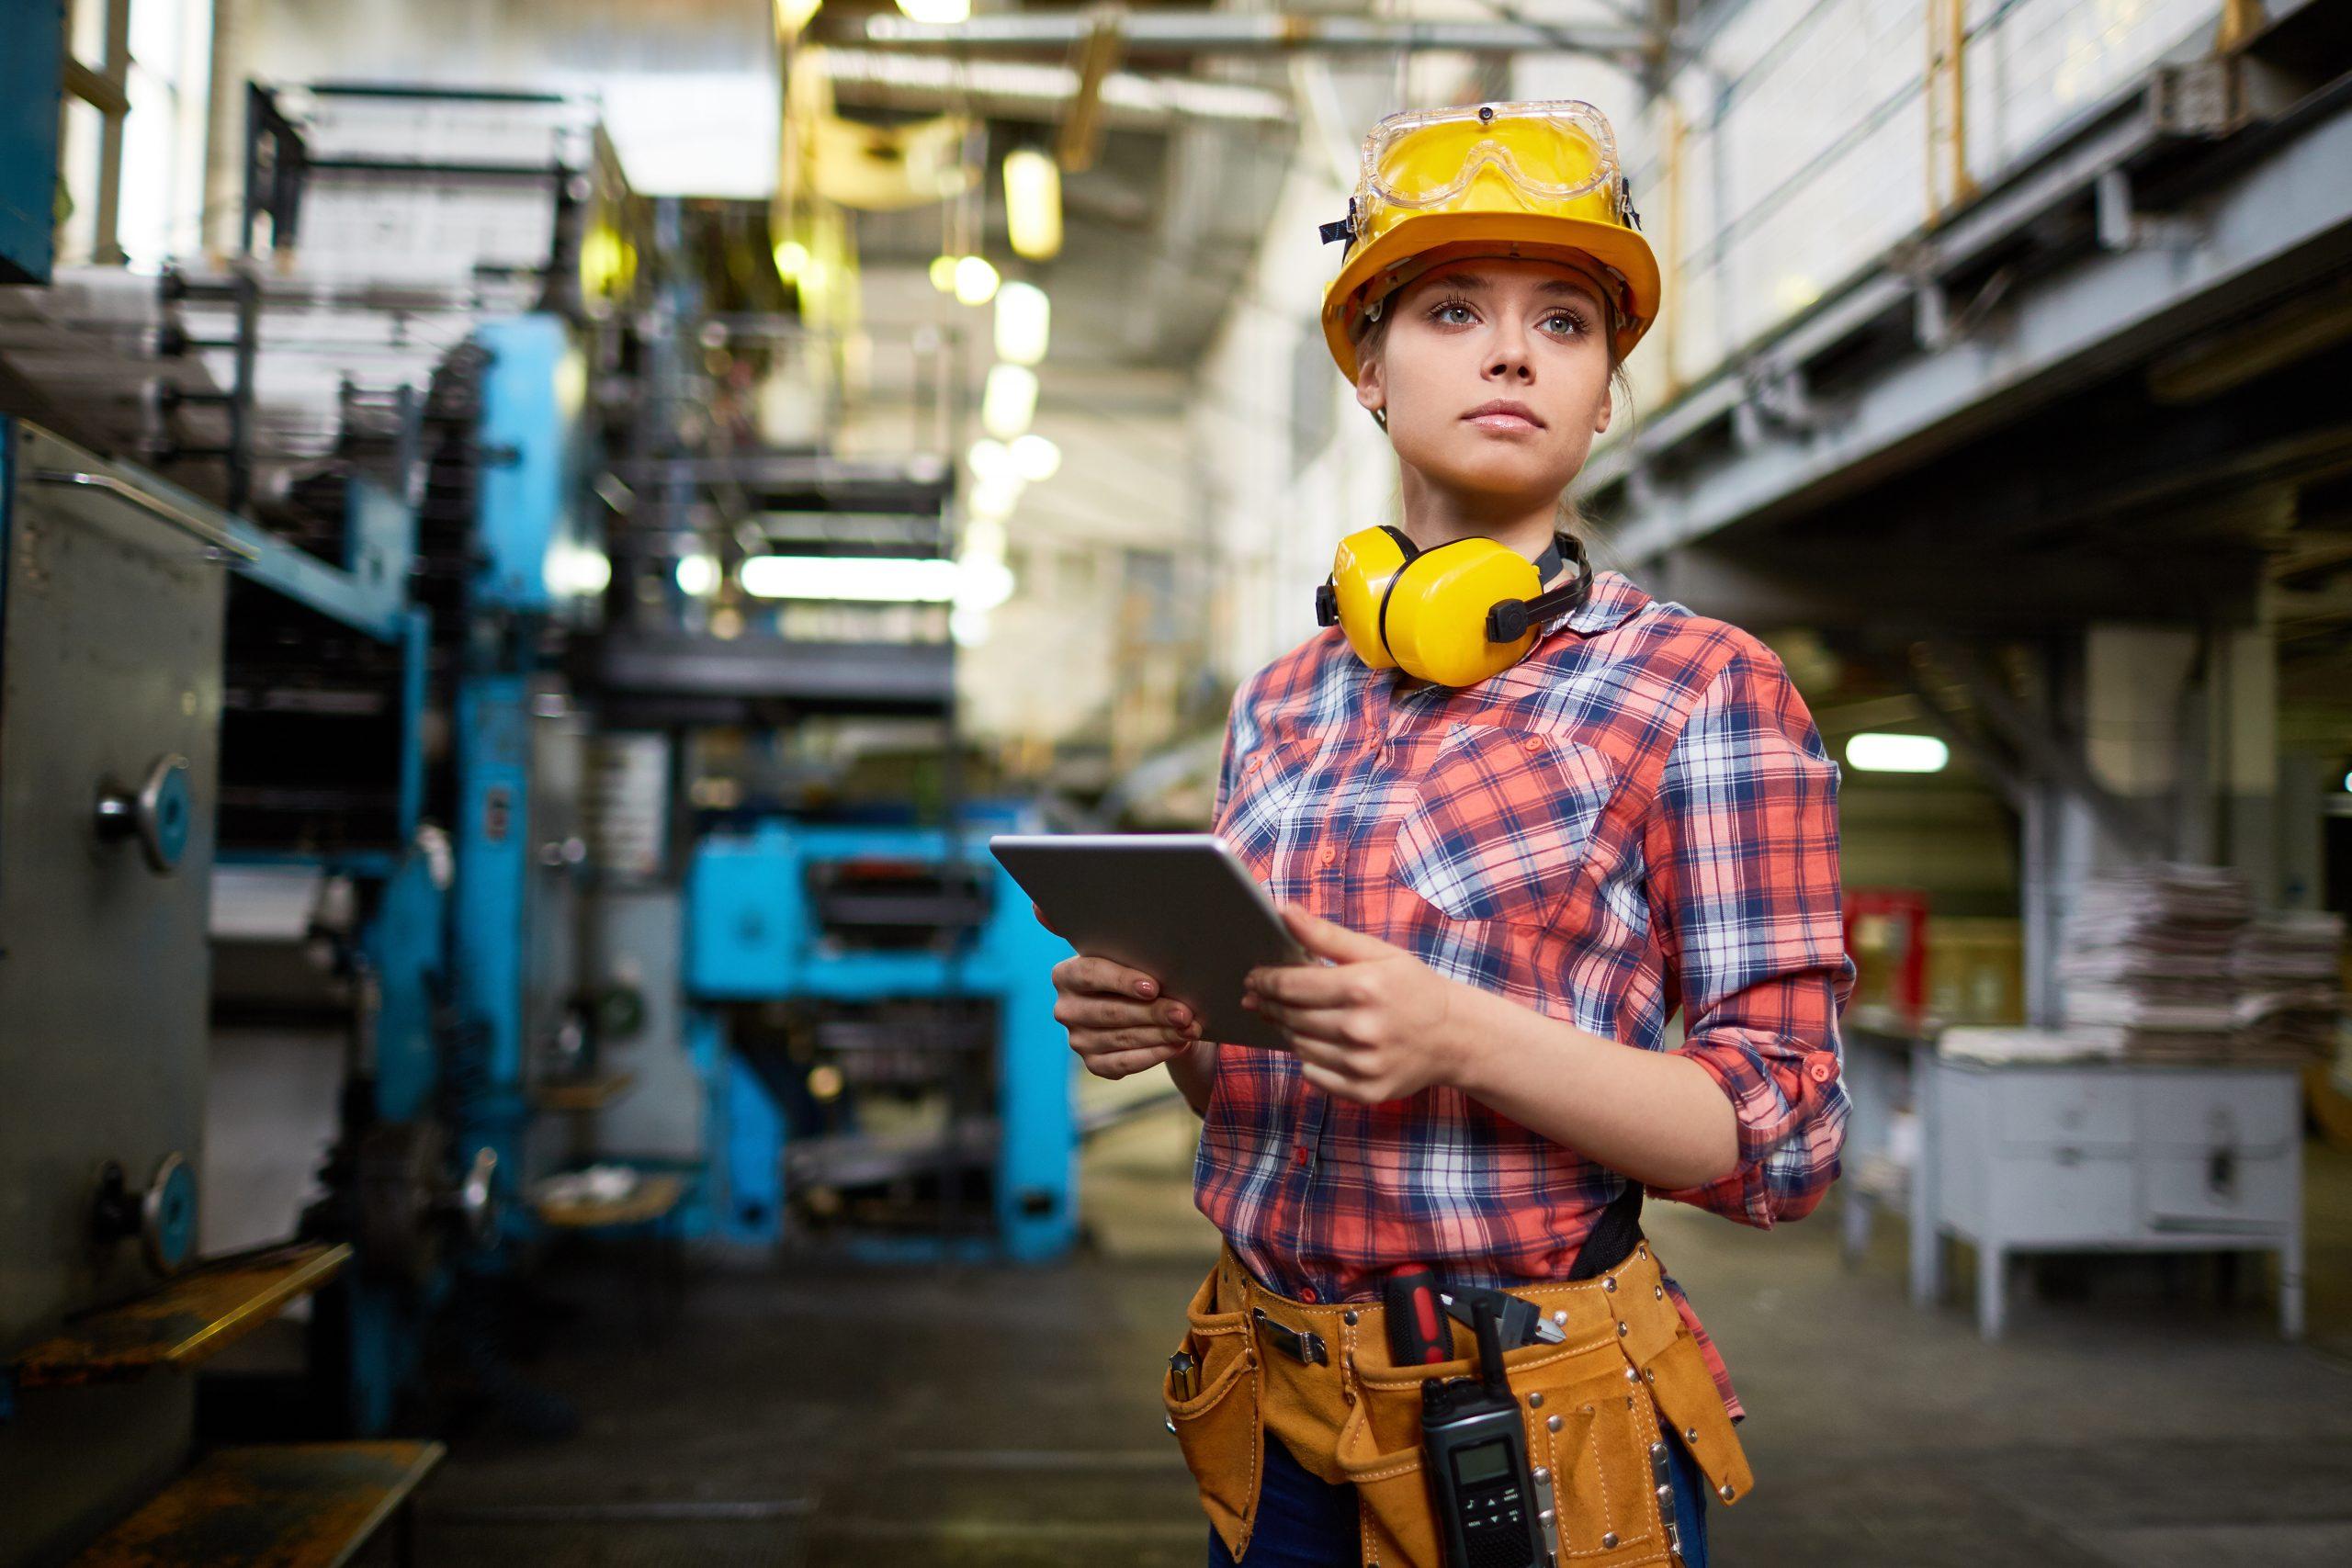 Arbeitsschutzdokumentation